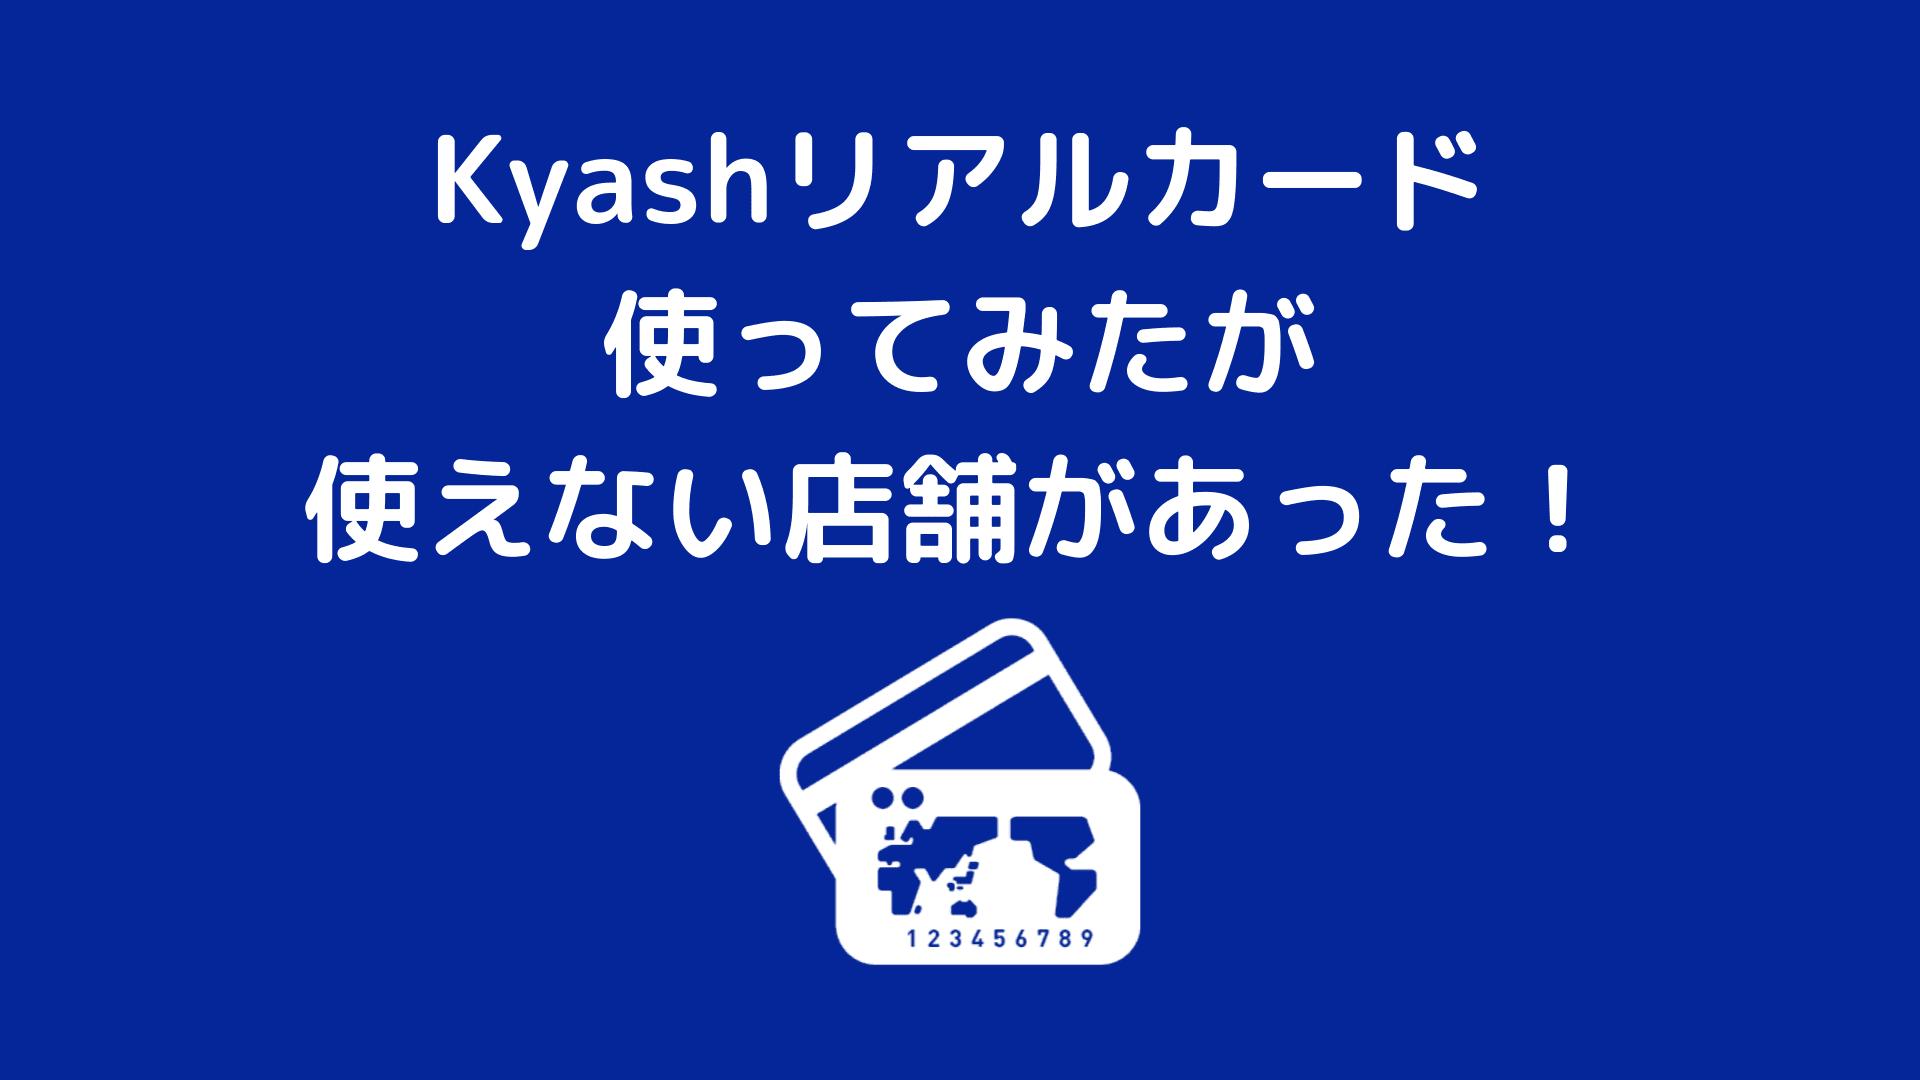 Kyashリアルカード使ってみたが使えない店舗があった!